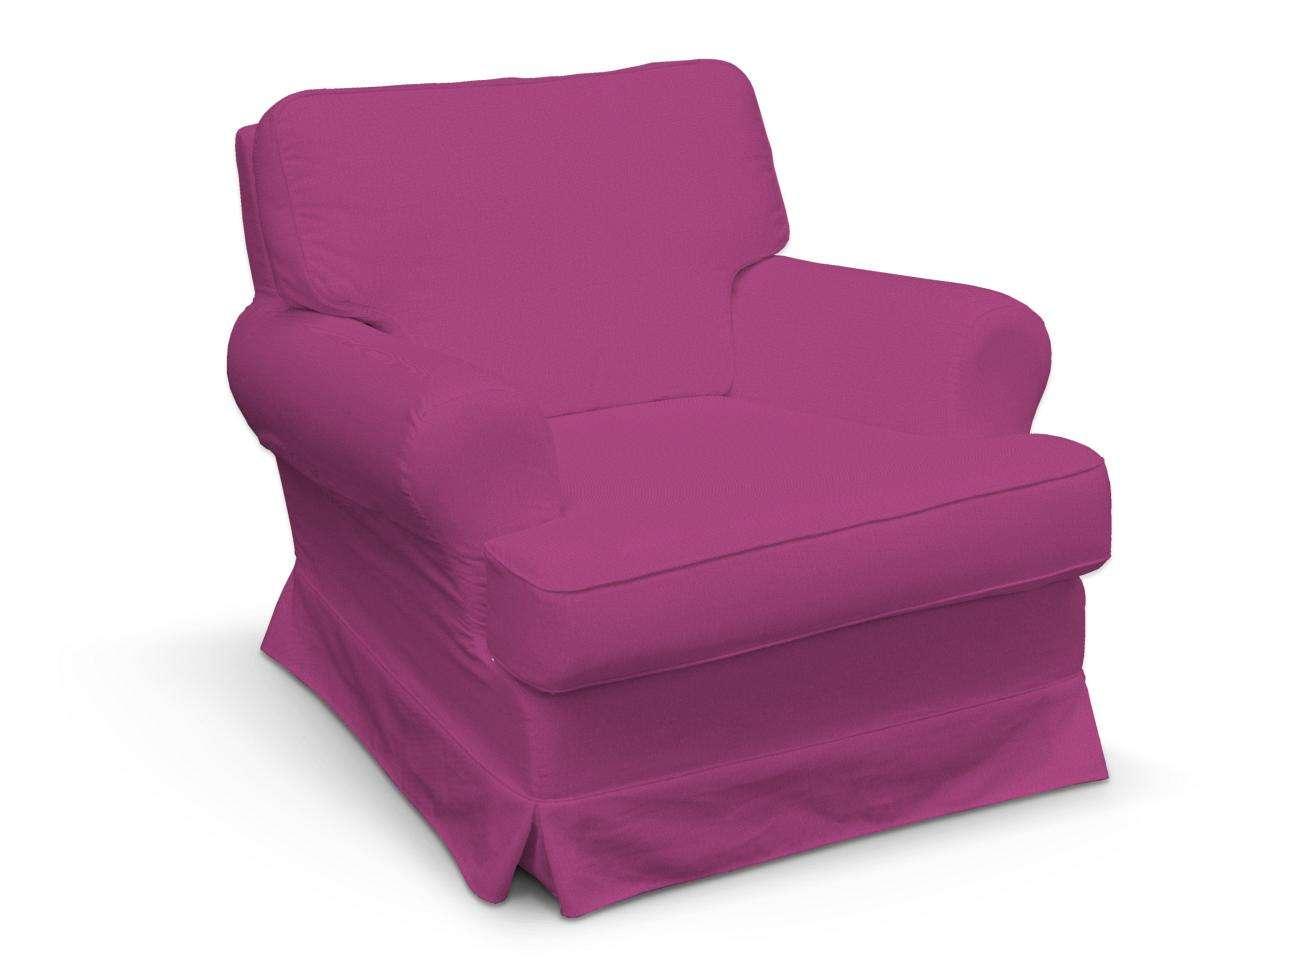 Bezug für Barkaby Sessel von der Kollektion Etna, Stoff: 705-23